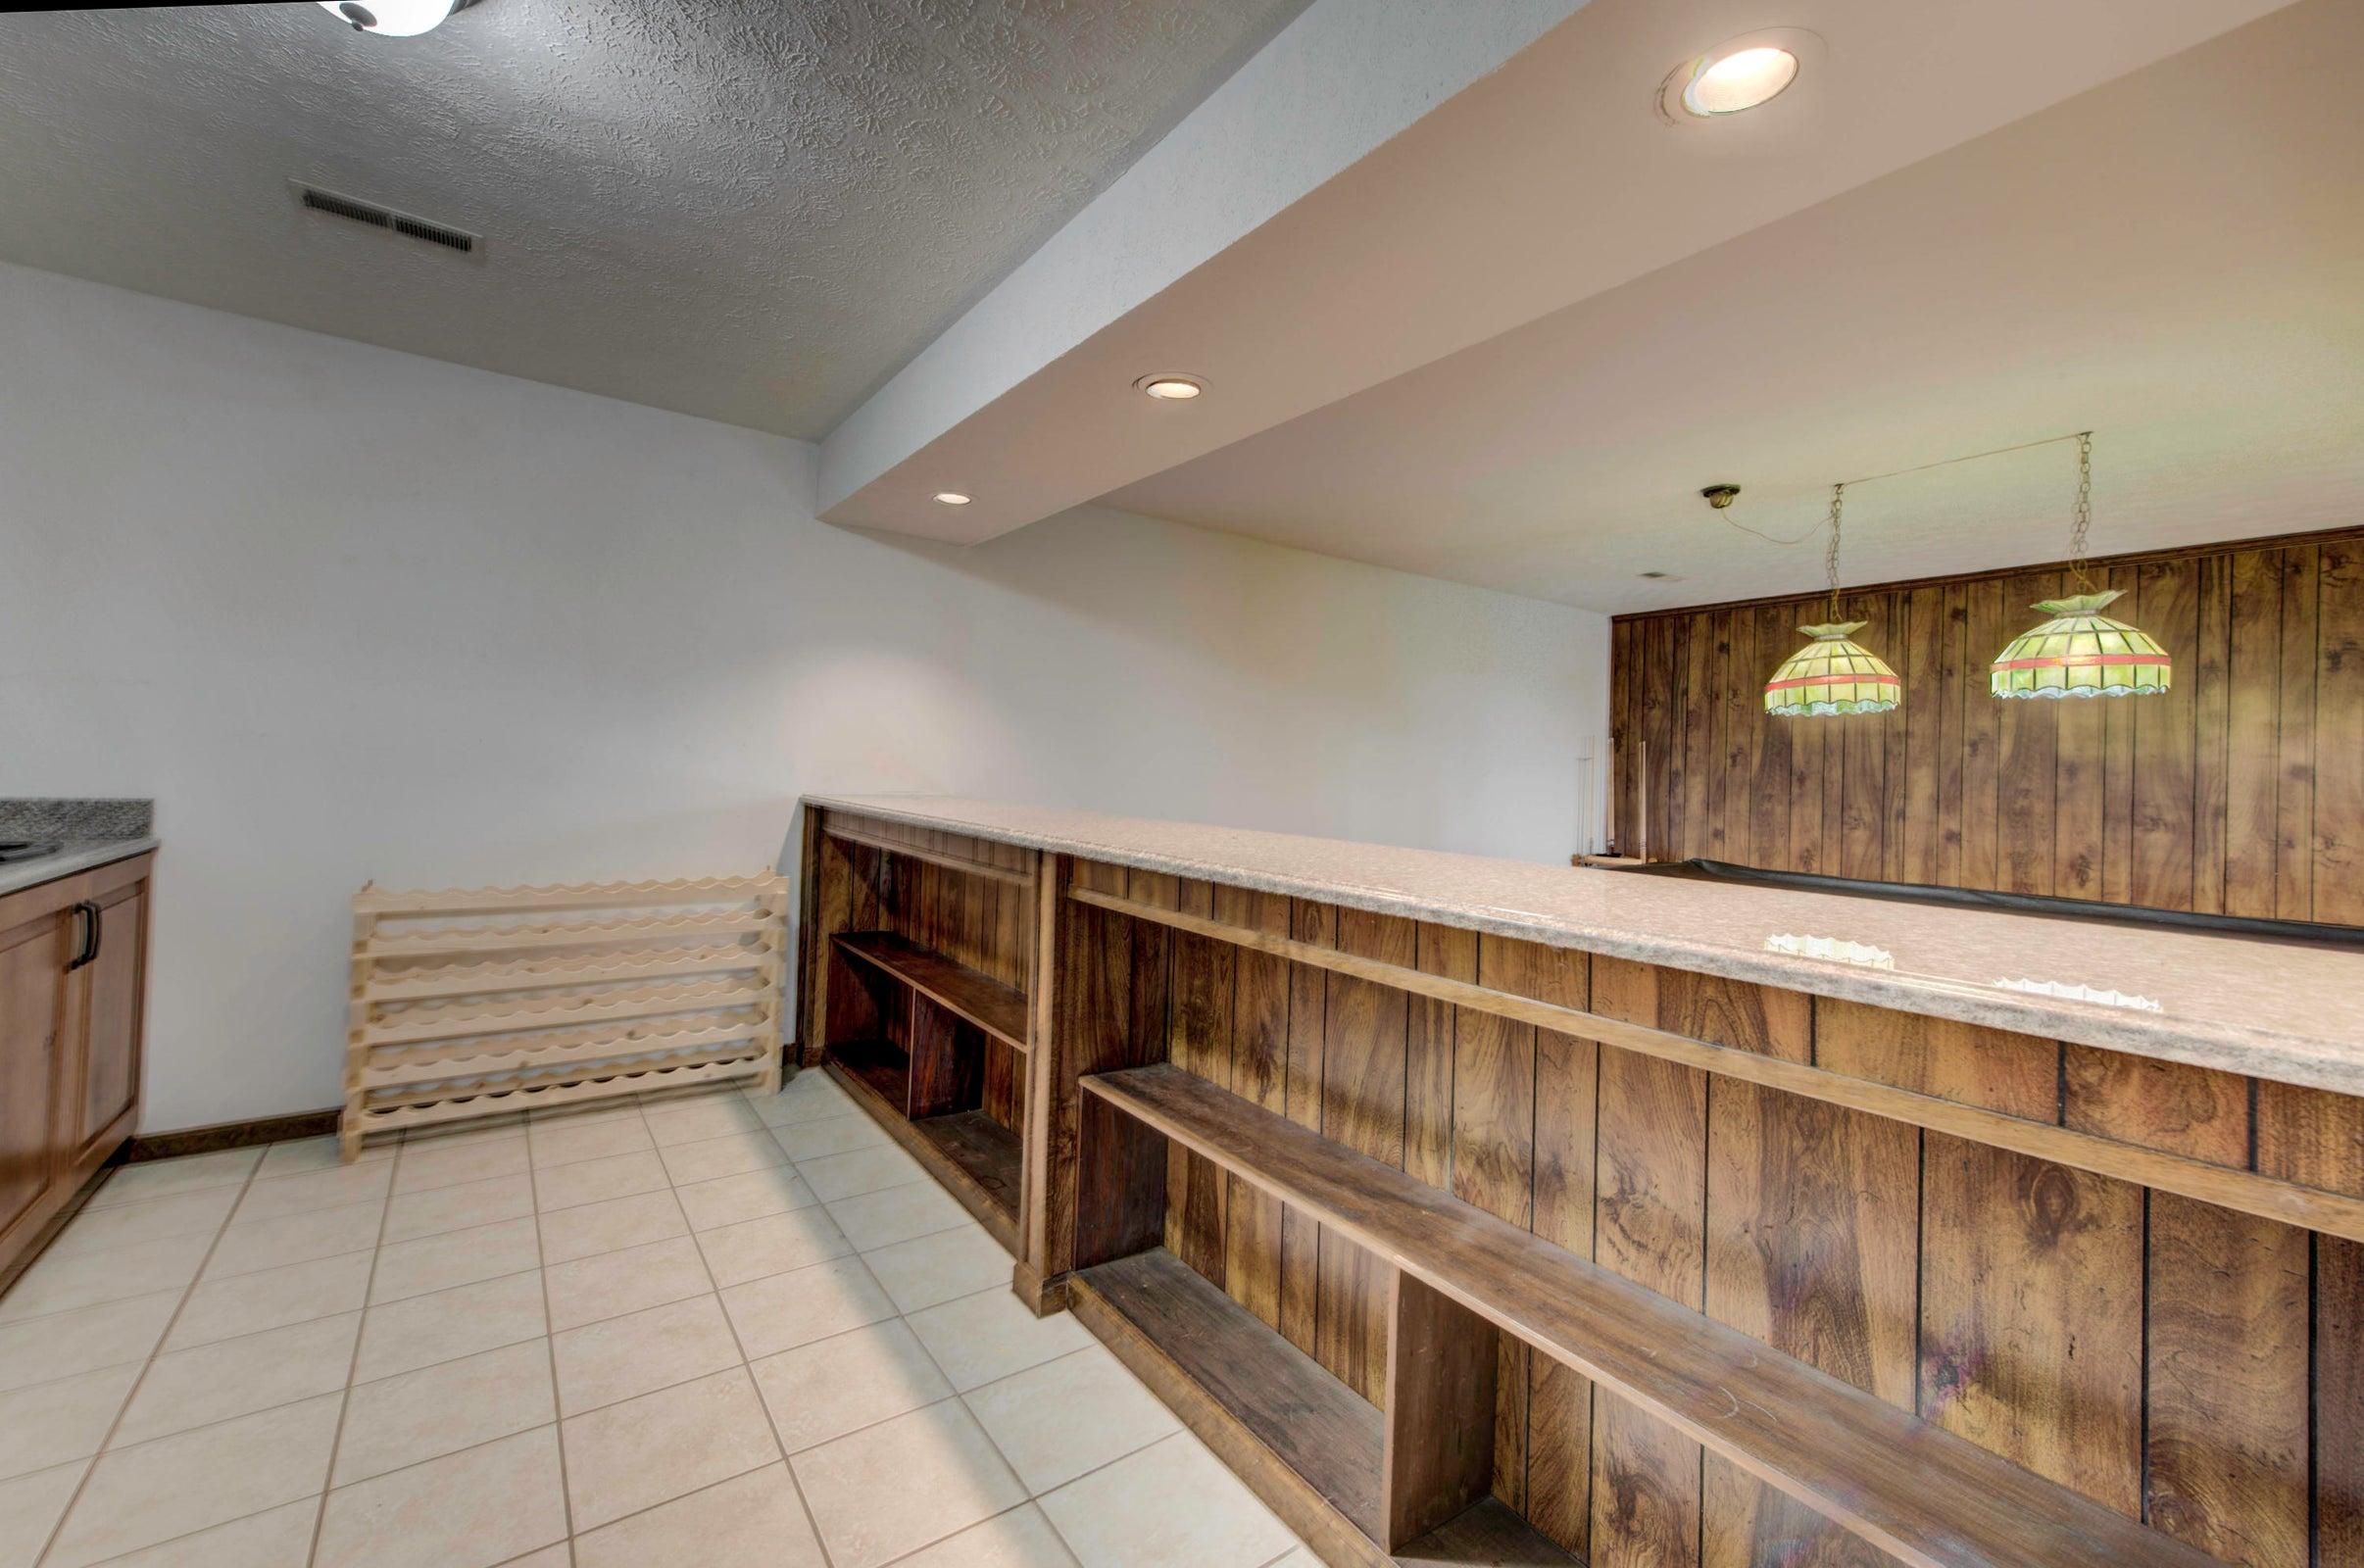 Basement mini kitchen